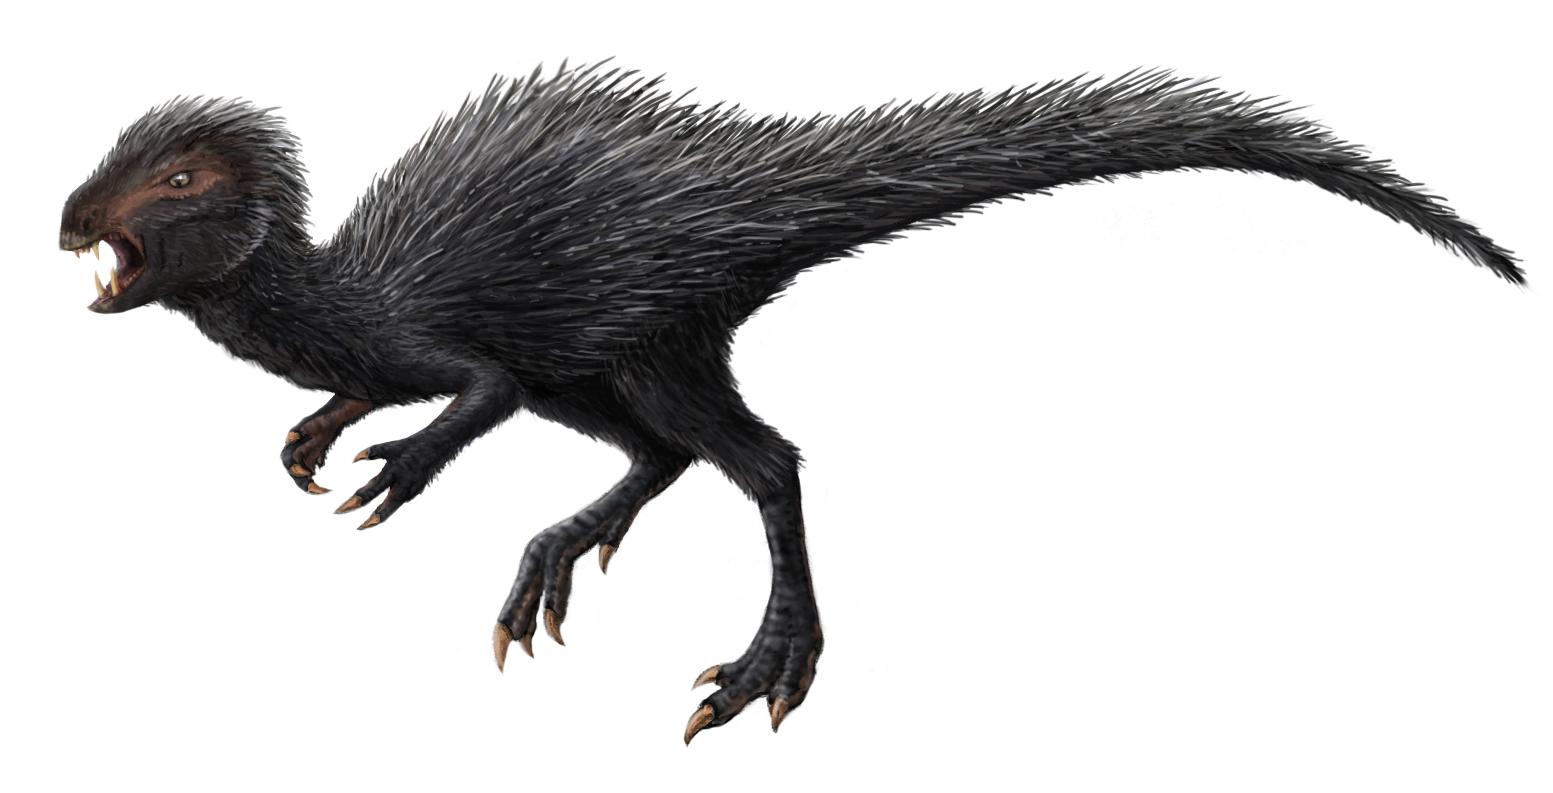 Jistou anatomickou podobnost mezi heterodontosauridy a teropody zaznamenali někteří paleontologové již dříve. Nový výzkum jim teď dává za pravdu, tyto dvě skupiny dinosaurů si mohly být ve skutečnosti blíže příbuzné, než se obecně předpokládalo. Zde